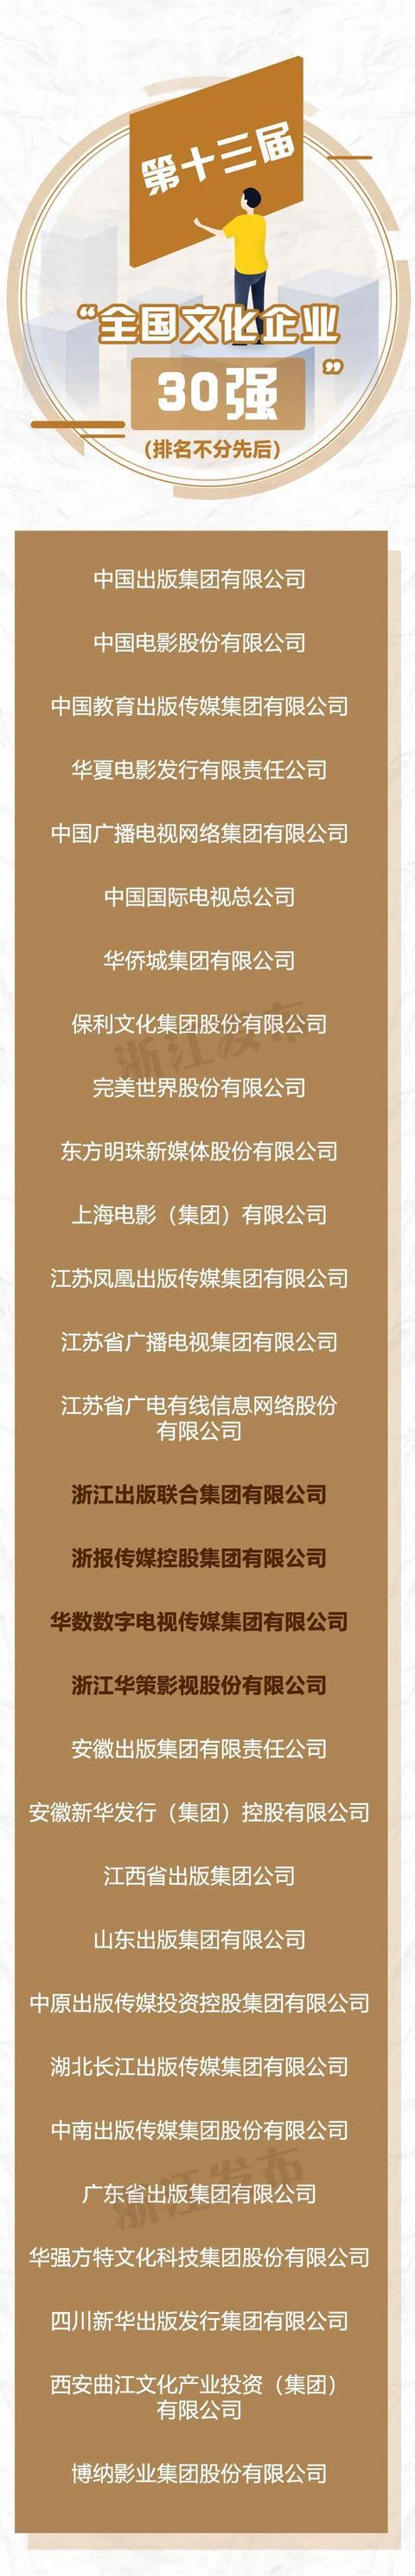 赞!6家浙企上榜全国文化企业30强及提名,总数居全国首位